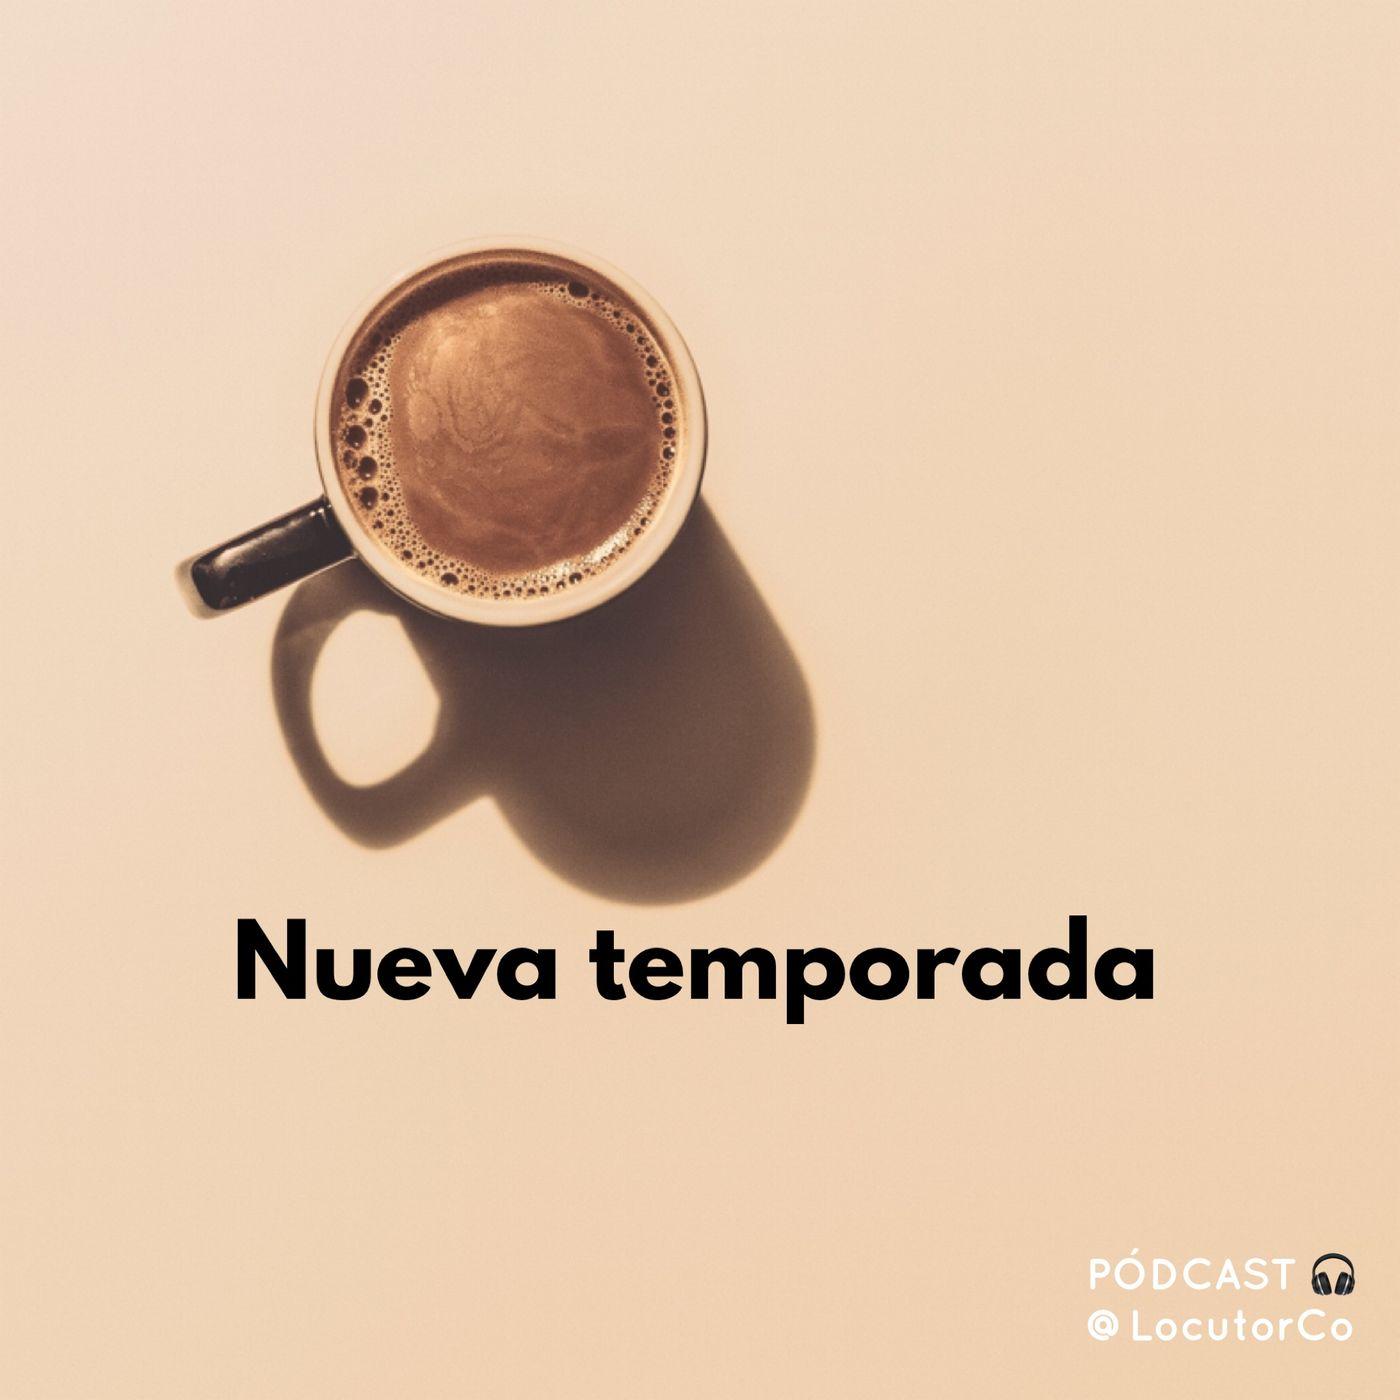 Nueva temporada, vuelve el café